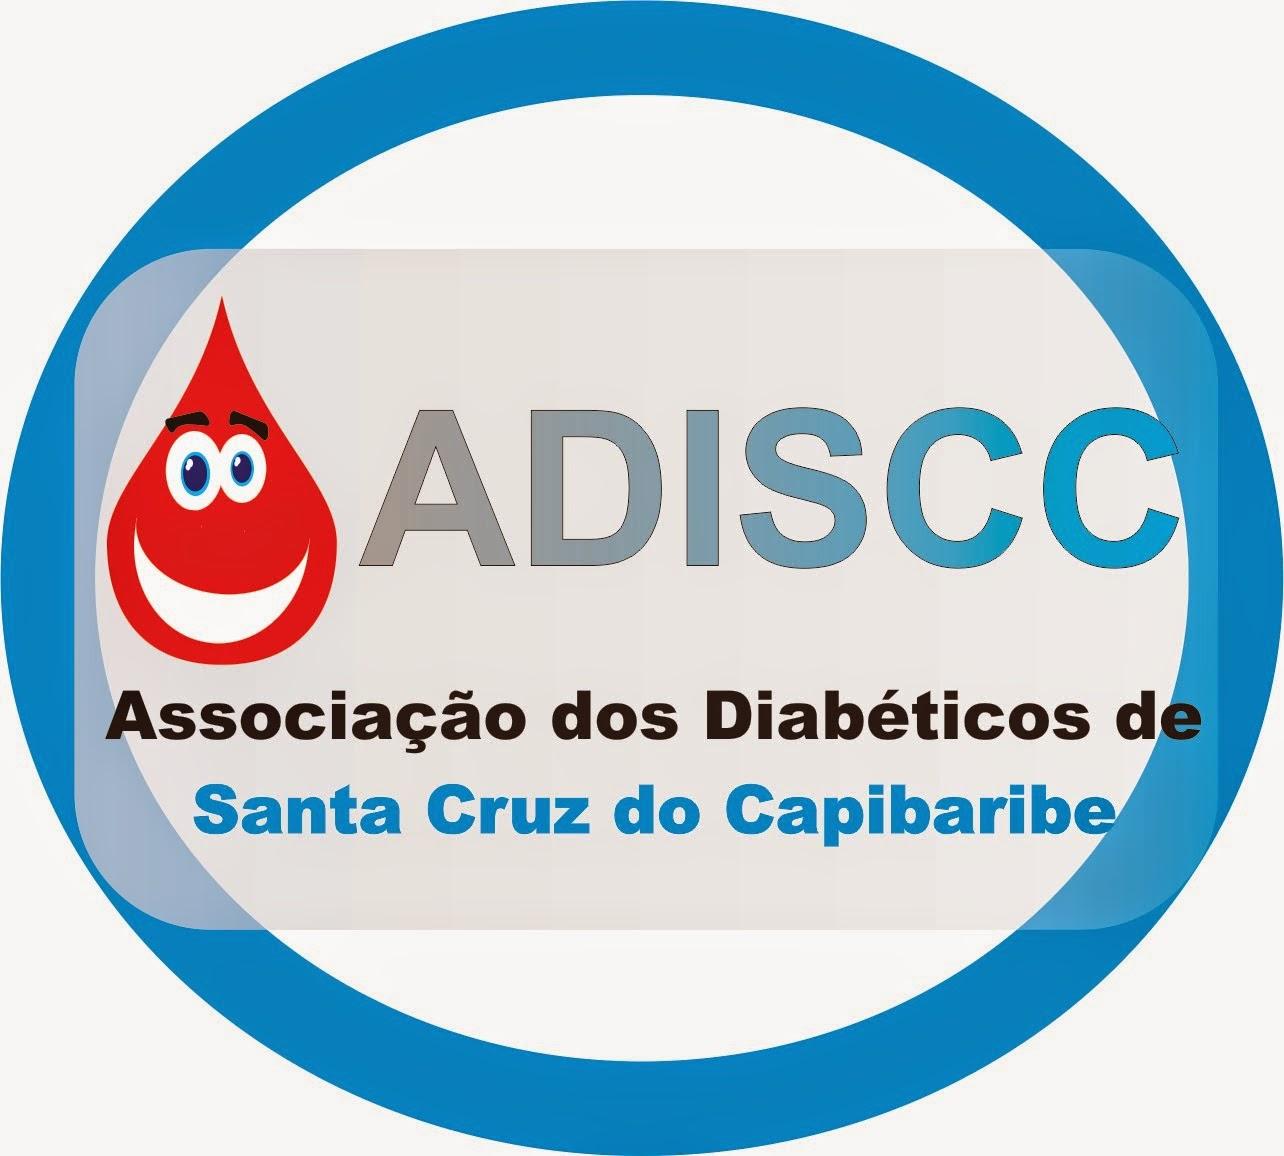 ADISCC